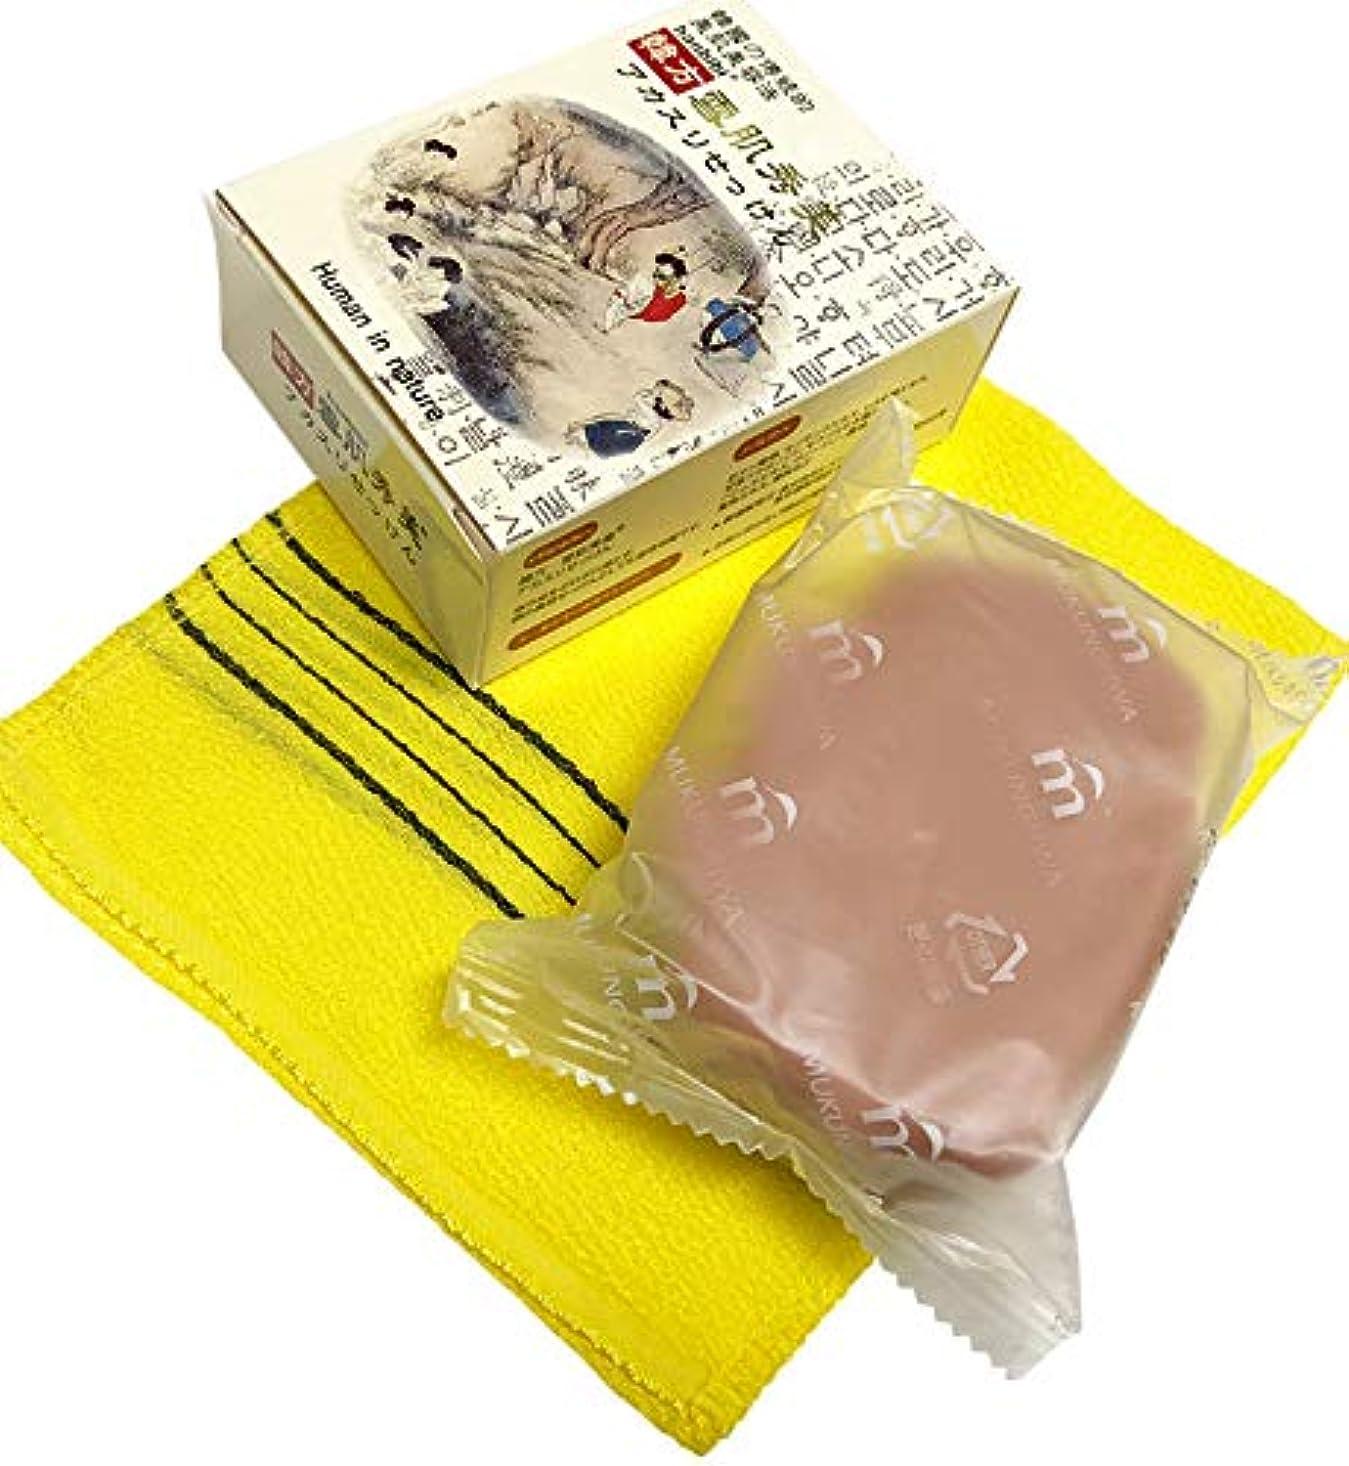 マーケティング女将日記顔、体兼用、蜂蜜香りの韓方石ケン、韓国コスメ 韓方[]蜂蜜アカスリせっけん アカスリ専用タオル付き